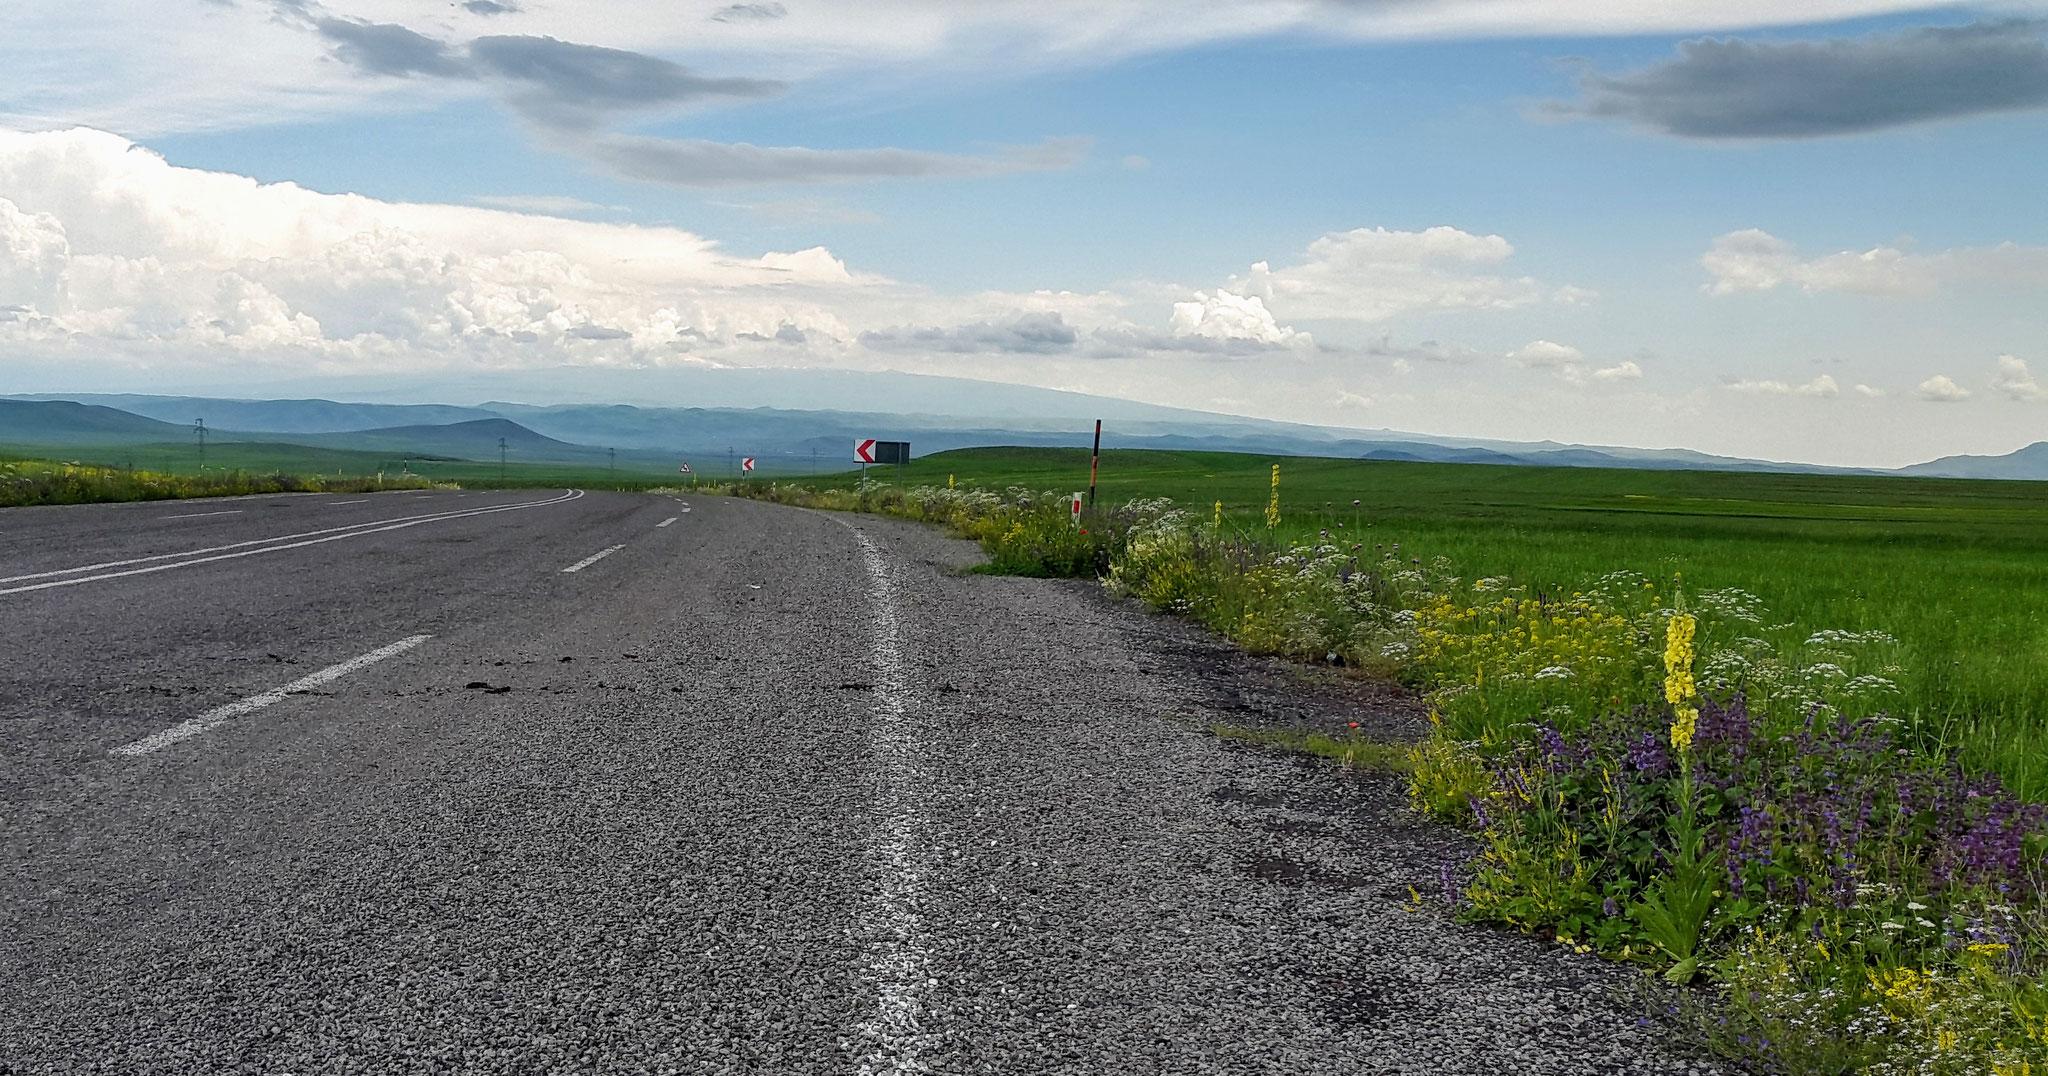 Unterwegs nach Ani, im Hintergrund der Berg Aragats in Armenien